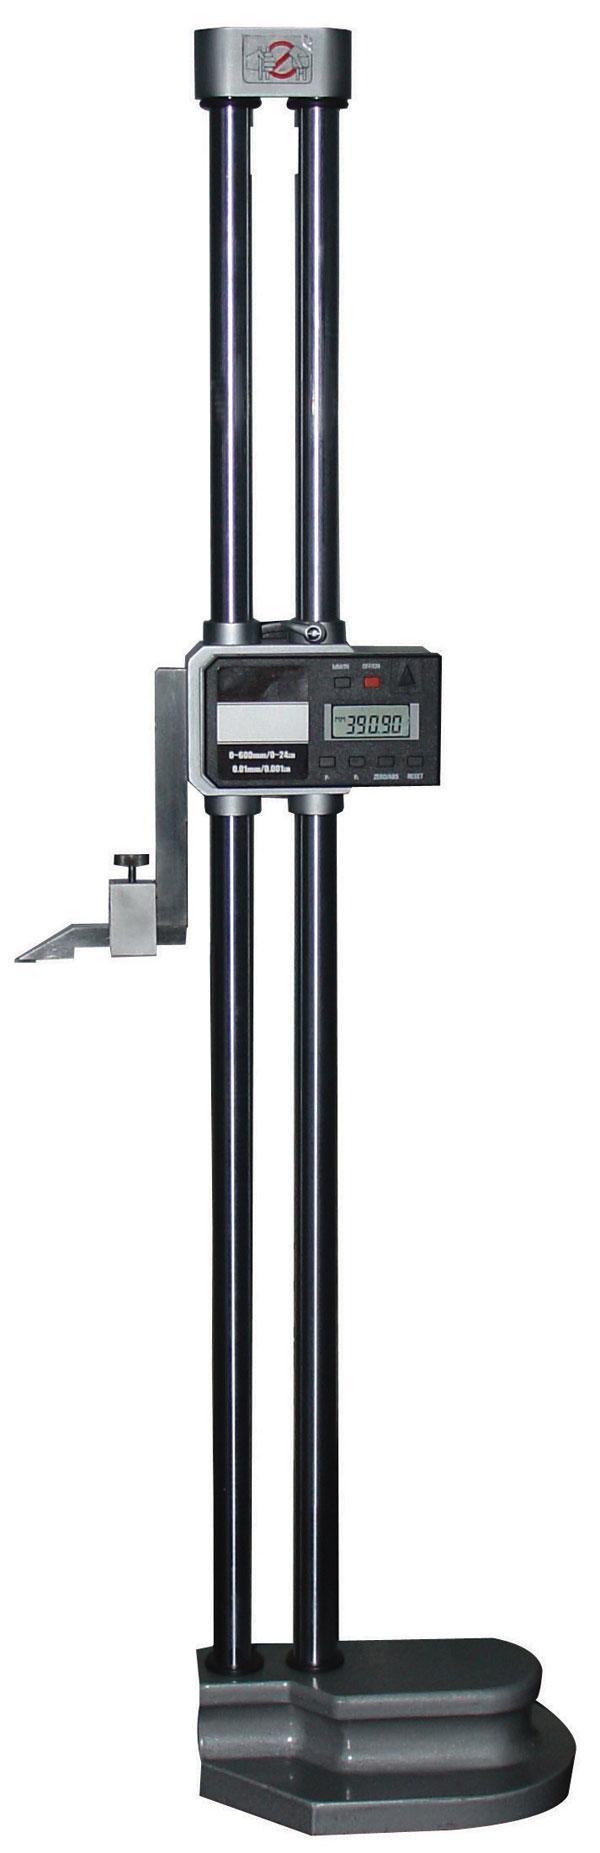 天津電子高度尺天津電子劃線高度規高度尺維修配件